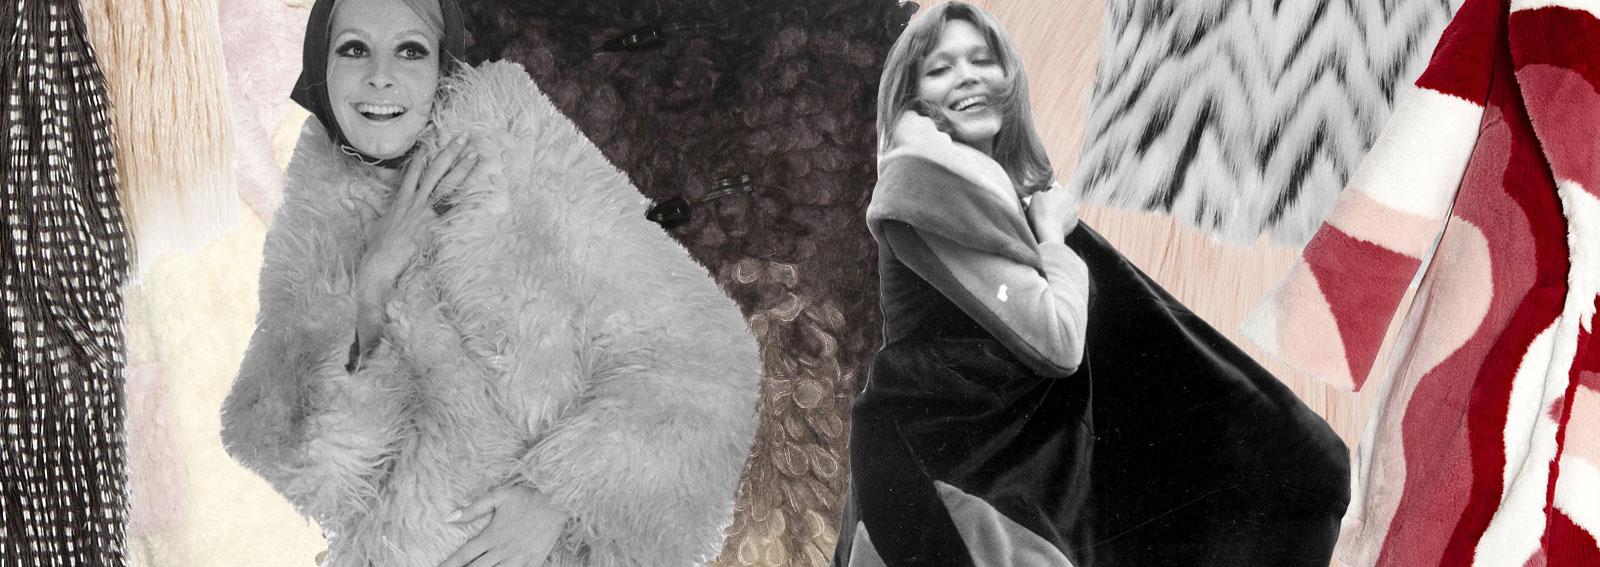 cover pellicce sintetiche modelli inverno 2015 desktop